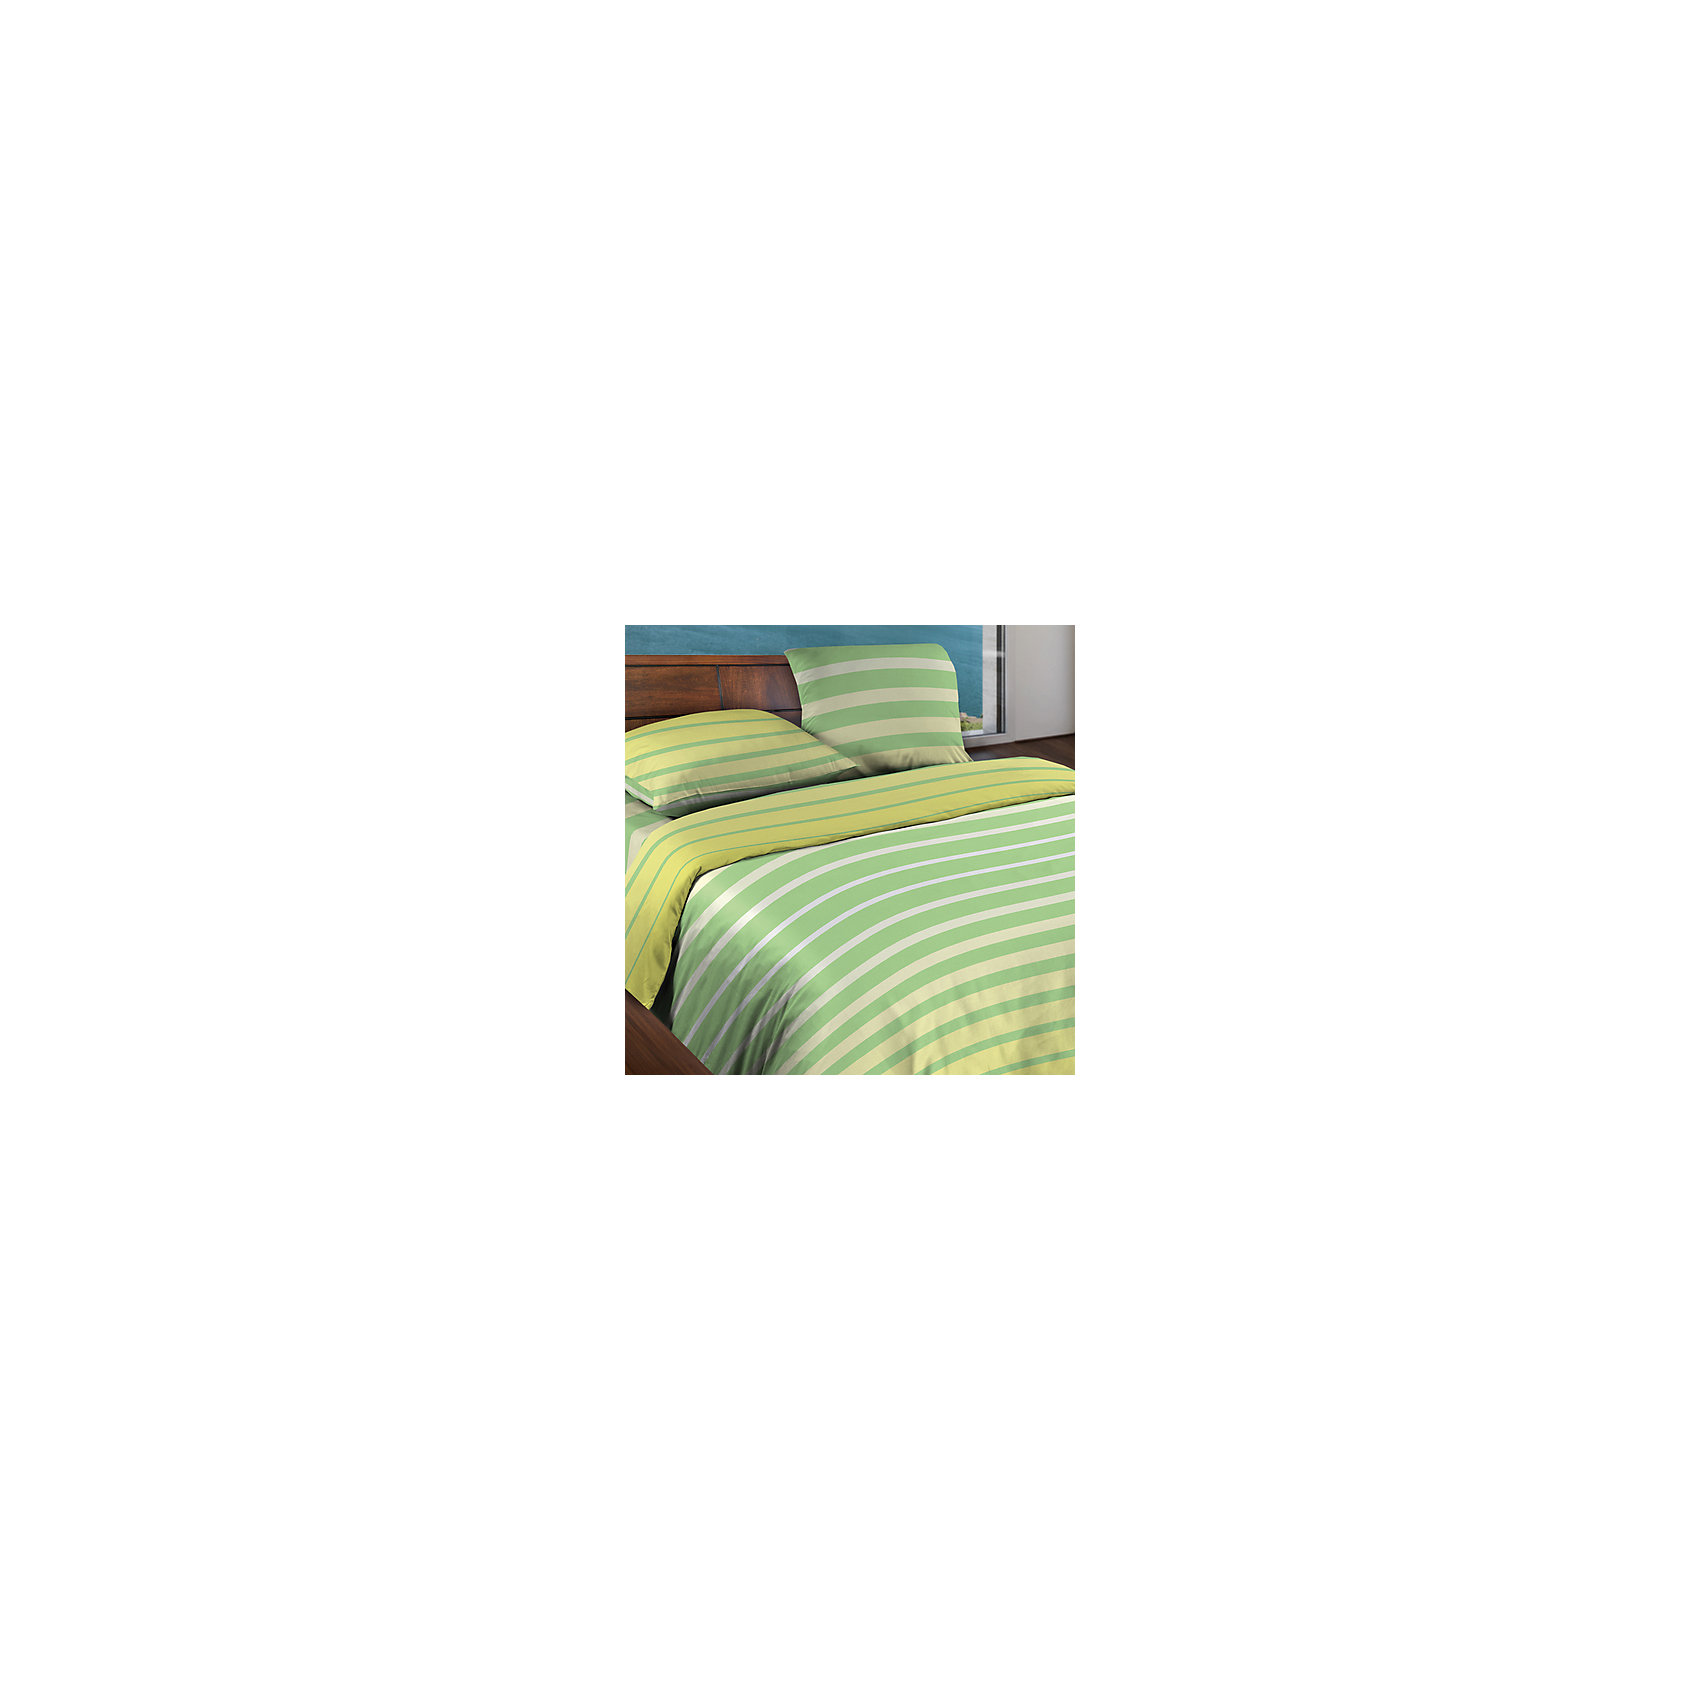 Постельное белье 1,5 сп. Stripe Lime БИО Комфорт, Wenge MotionДомашний текстиль<br>Характеристики 1,5 спального комплекта постельного белья   Stripe Lime  БИО Комфорт, Wenge Motion:<br><br>- производитель: Неотек<br>- материал: бязь<br>- состав: 100% хлопок<br>- размер комплекта: полутораспальный<br>- размер пододеяльника: 215*145 см.<br>- размер простыни: 220*150 см.<br>- размер наволочек: 70*70 (2 шт)<br>- упаковка комплекта: книжка пвх<br>- страна бренда: Россия<br>- страна производитель: Россия<br><br>Постельное белье  Stripe Lime  Wenge Motion создано для современного, делового человека. Его дизайн будет  по нраву тем, кто ценит комфортную обстановку дома. Коллекция Био Комфорт Wenge Motion произведена из натурального 100% хлопка, что делает его износостойким, крепким и при этом приятным на ощупь. Гладкая структура ткани делает ее прочной и хорошо сохраняющей форму, мало мнущейся и устойчивой к частым стиркам. Комплект состоит из наволочки, простыни и пододеяльника. Такое постельное белье подарит Вам приятные ощущения во время отдыха.<br><br>Комплекта постельного белья   Stripe Lime  серии Wenge Motion можно купить в нашем интернет-магазине.<br><br>Ширина мм: 370<br>Глубина мм: 70<br>Высота мм: 370<br>Вес г: 1400<br>Возраст от месяцев: 36<br>Возраст до месяцев: 216<br>Пол: Унисекс<br>Возраст: Детский<br>SKU: 5100117